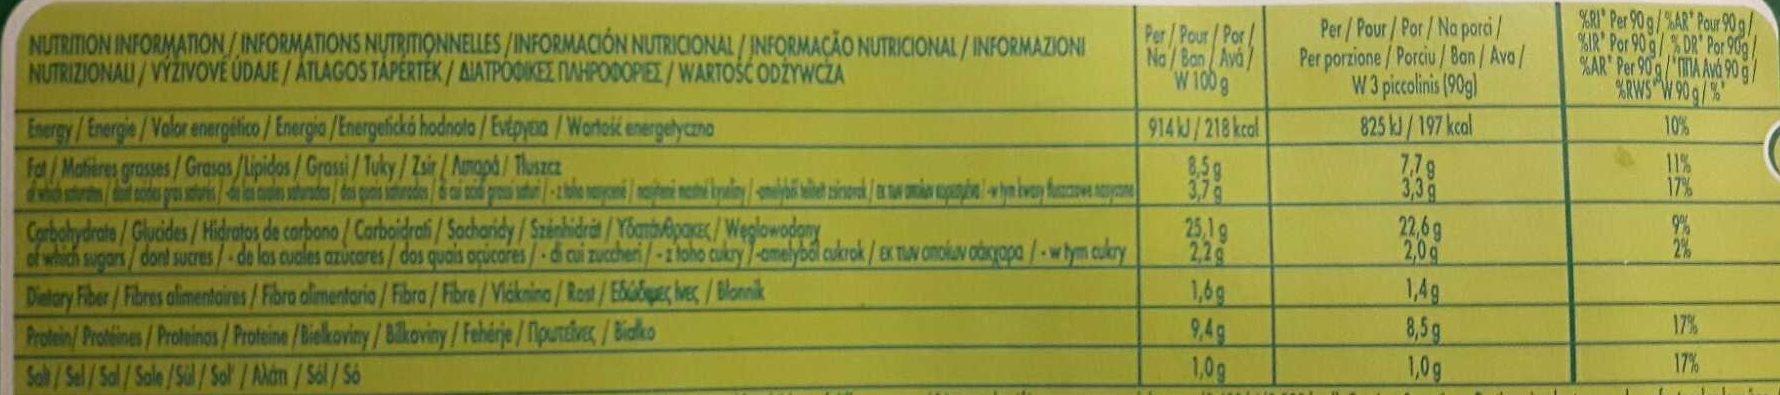 Piccolinis Pomodoro Mozzarella - Información nutricional